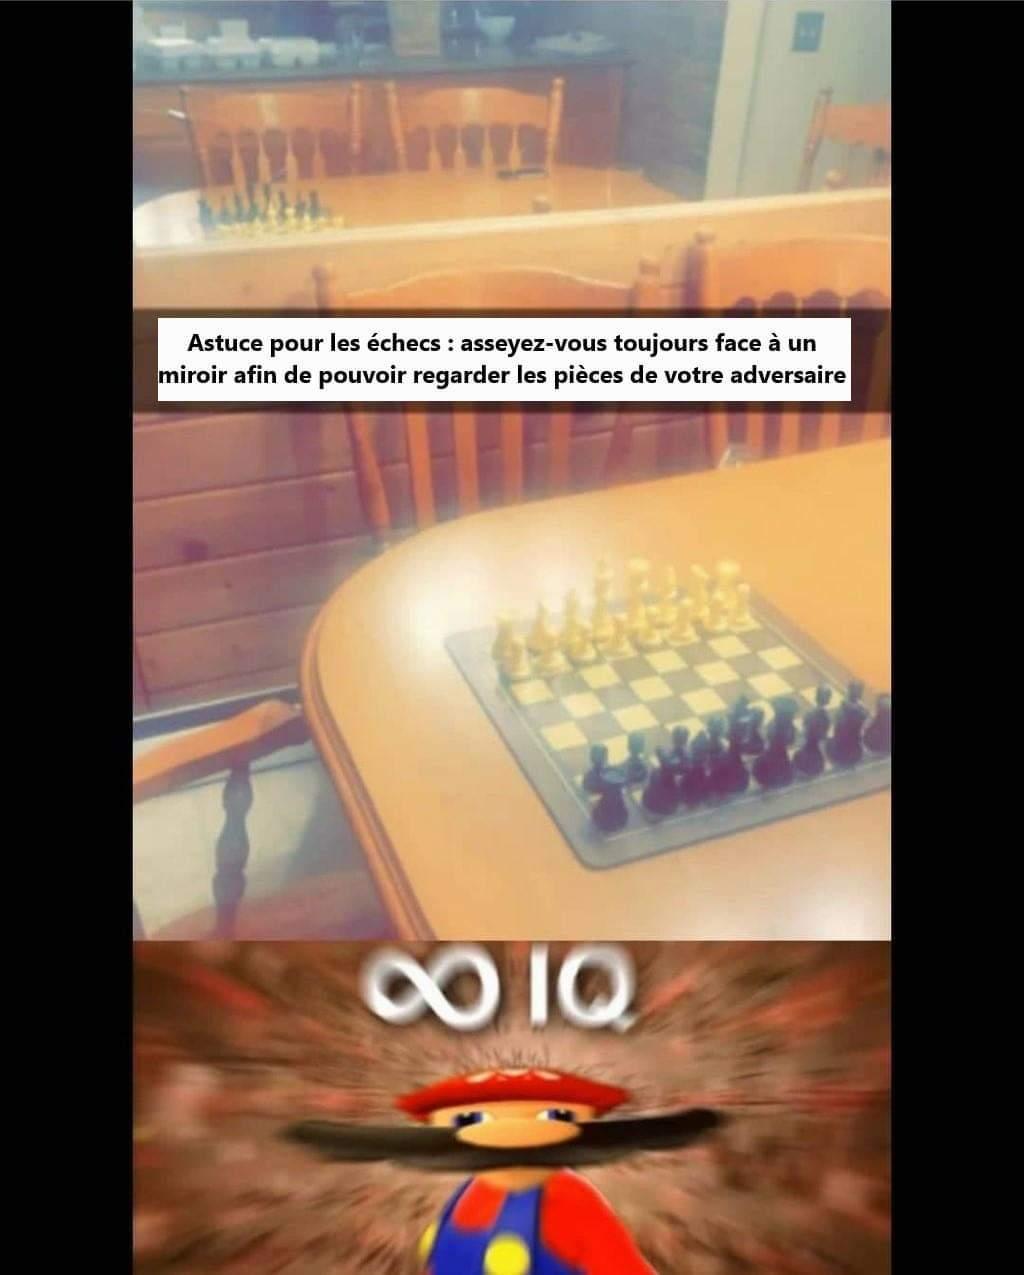 Nouvelle astuce pour battre Magnus Carlsen - meme